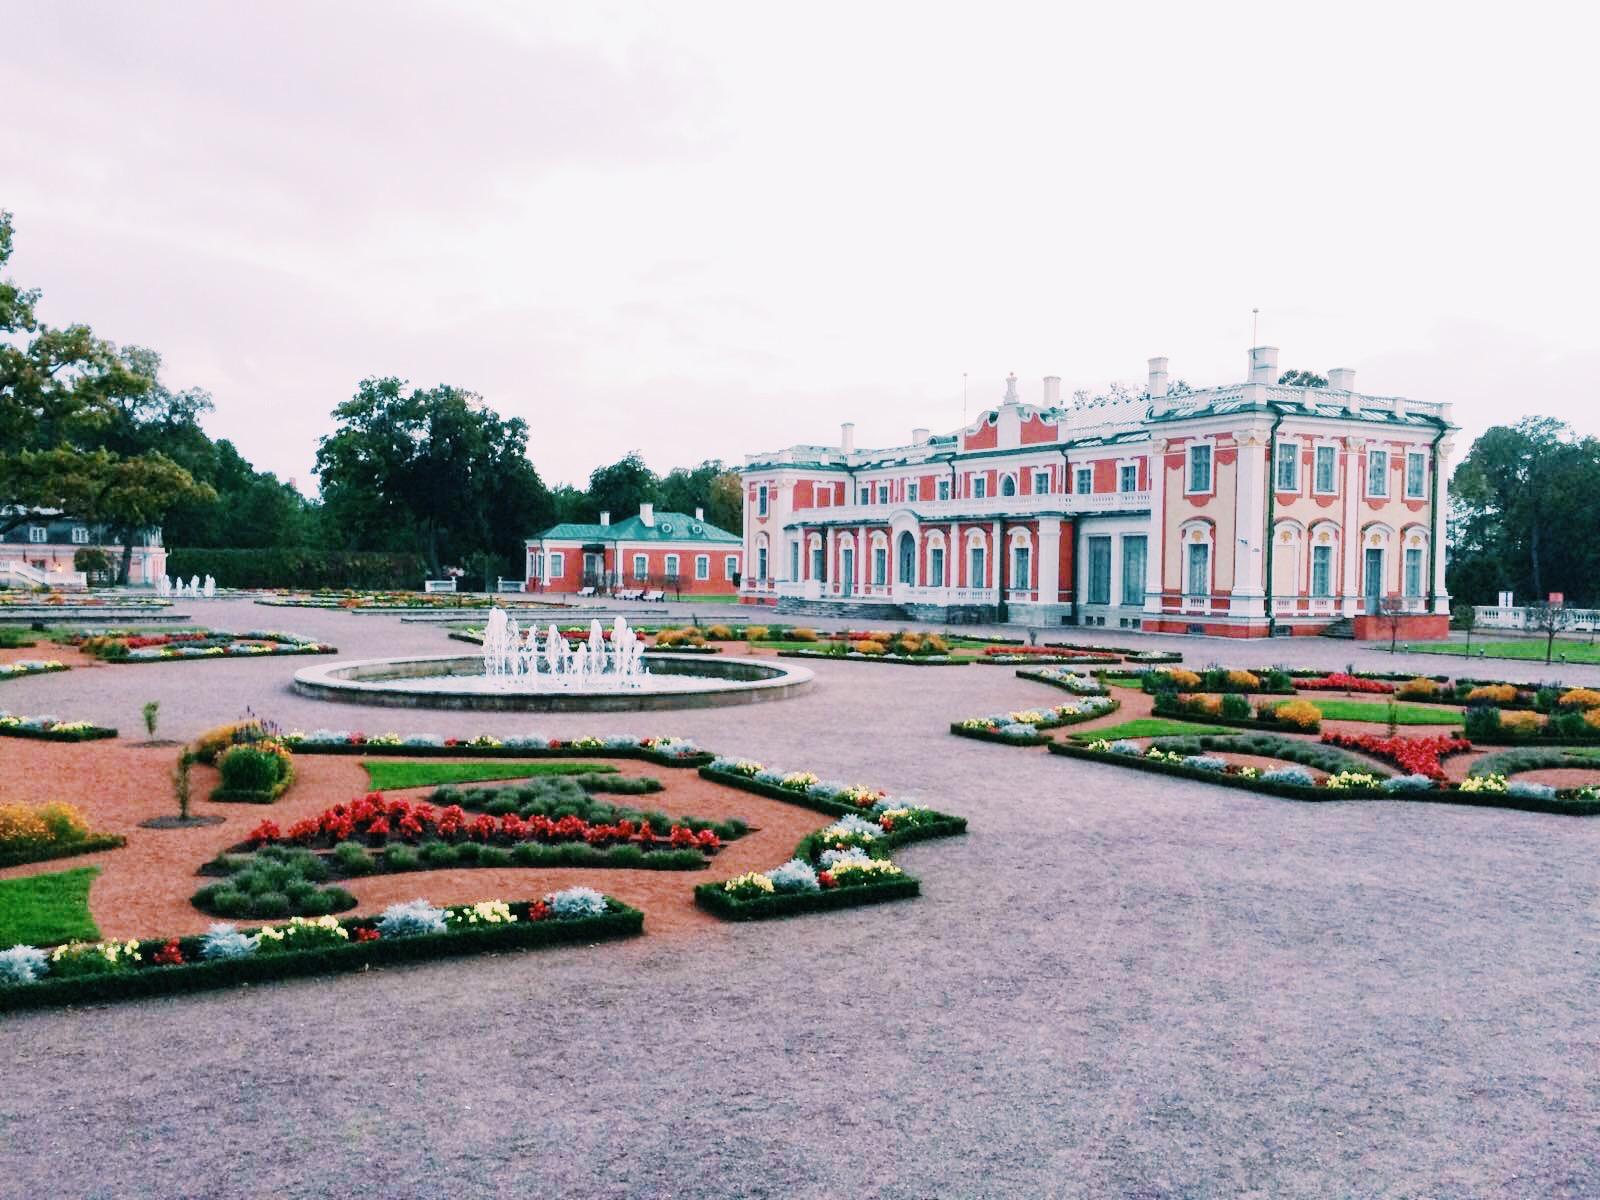 Catherine's Summer Kadriorg Palace Tallinn, Estonia